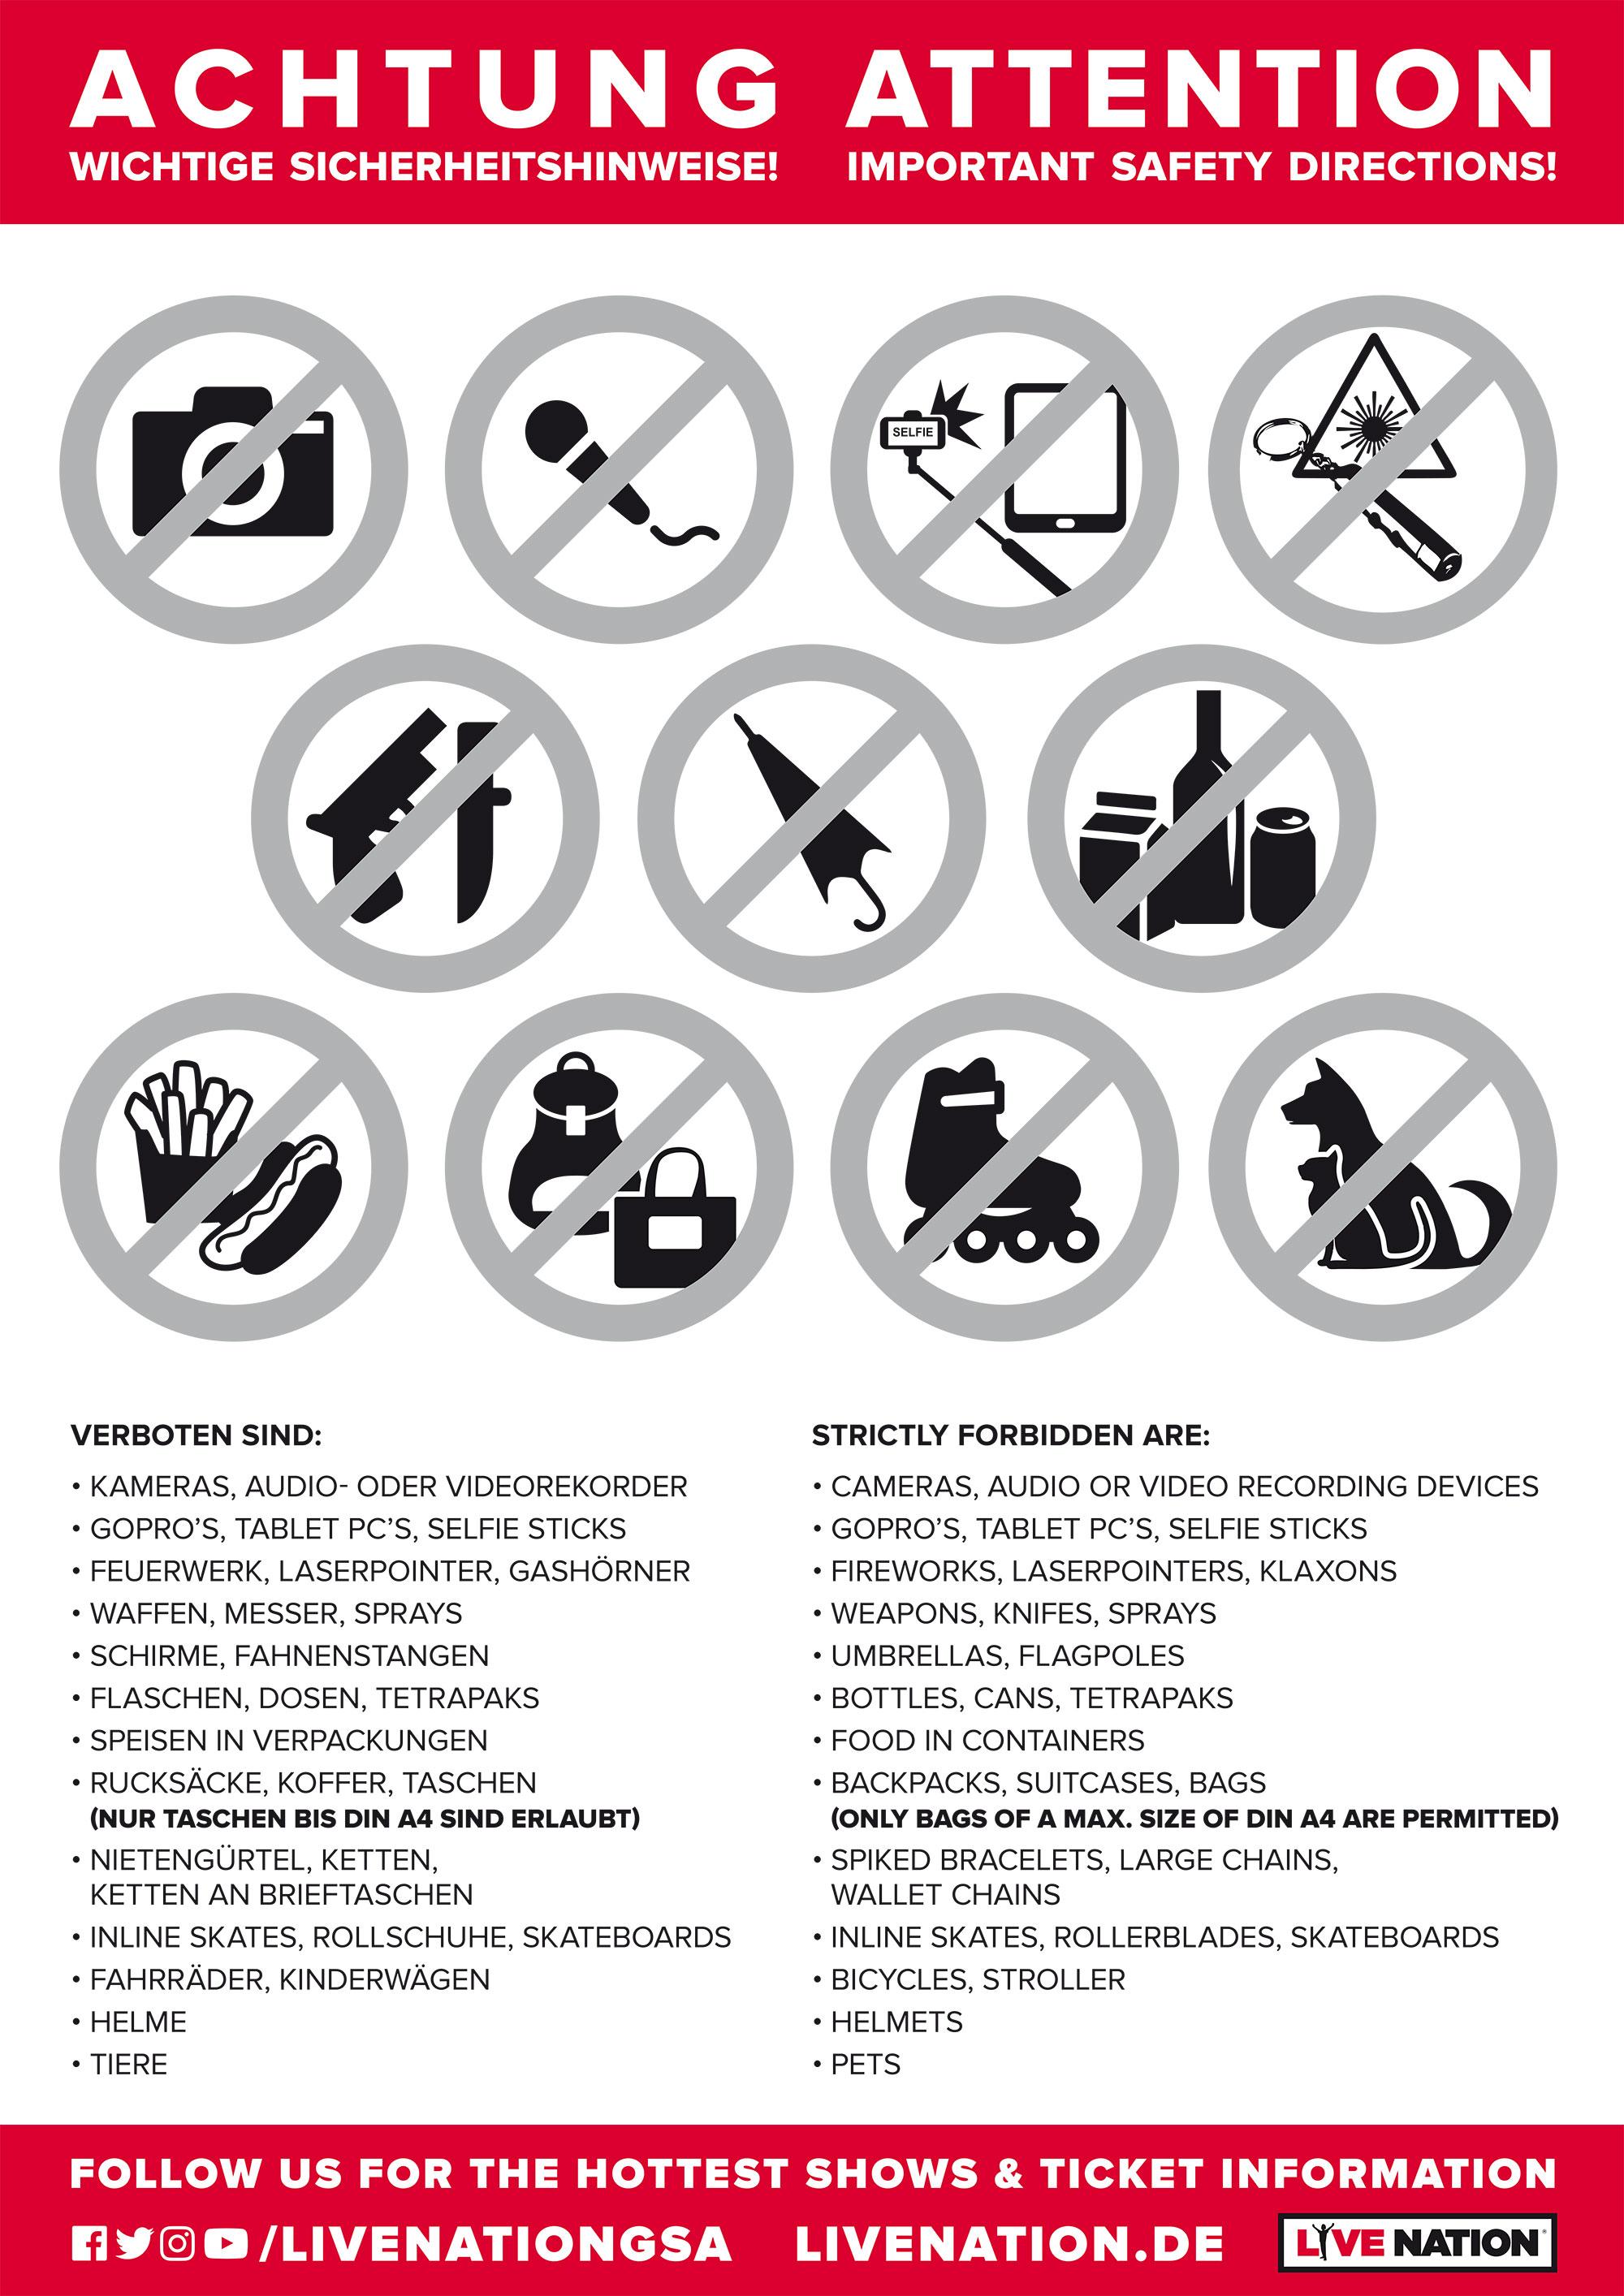 Verstärkte Sicherheitskontrollen in der Olympiahalle - Alle Infos dazu hier